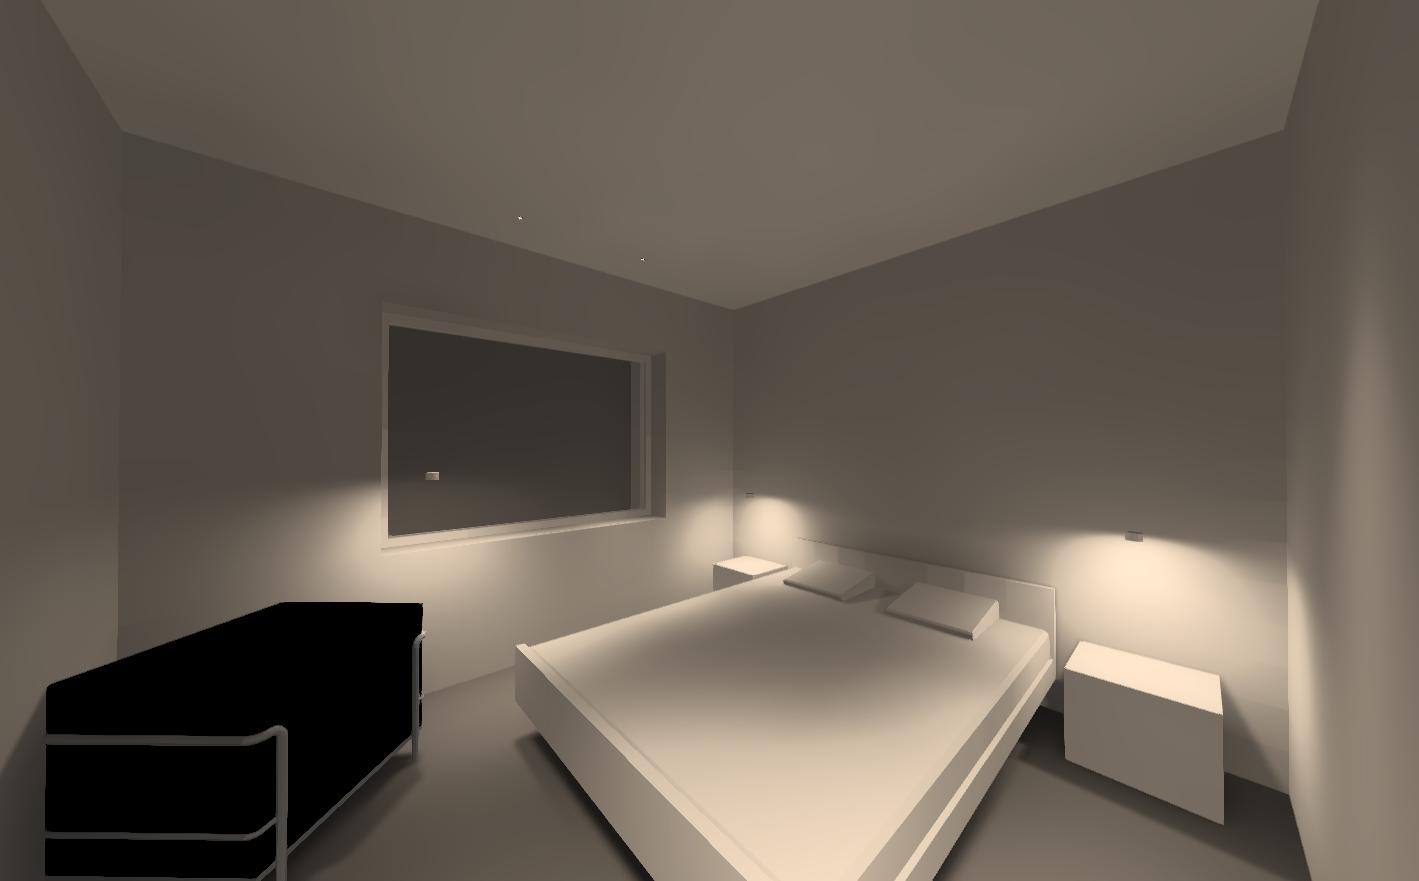 Визуализация освещения. Гостевая-спальня